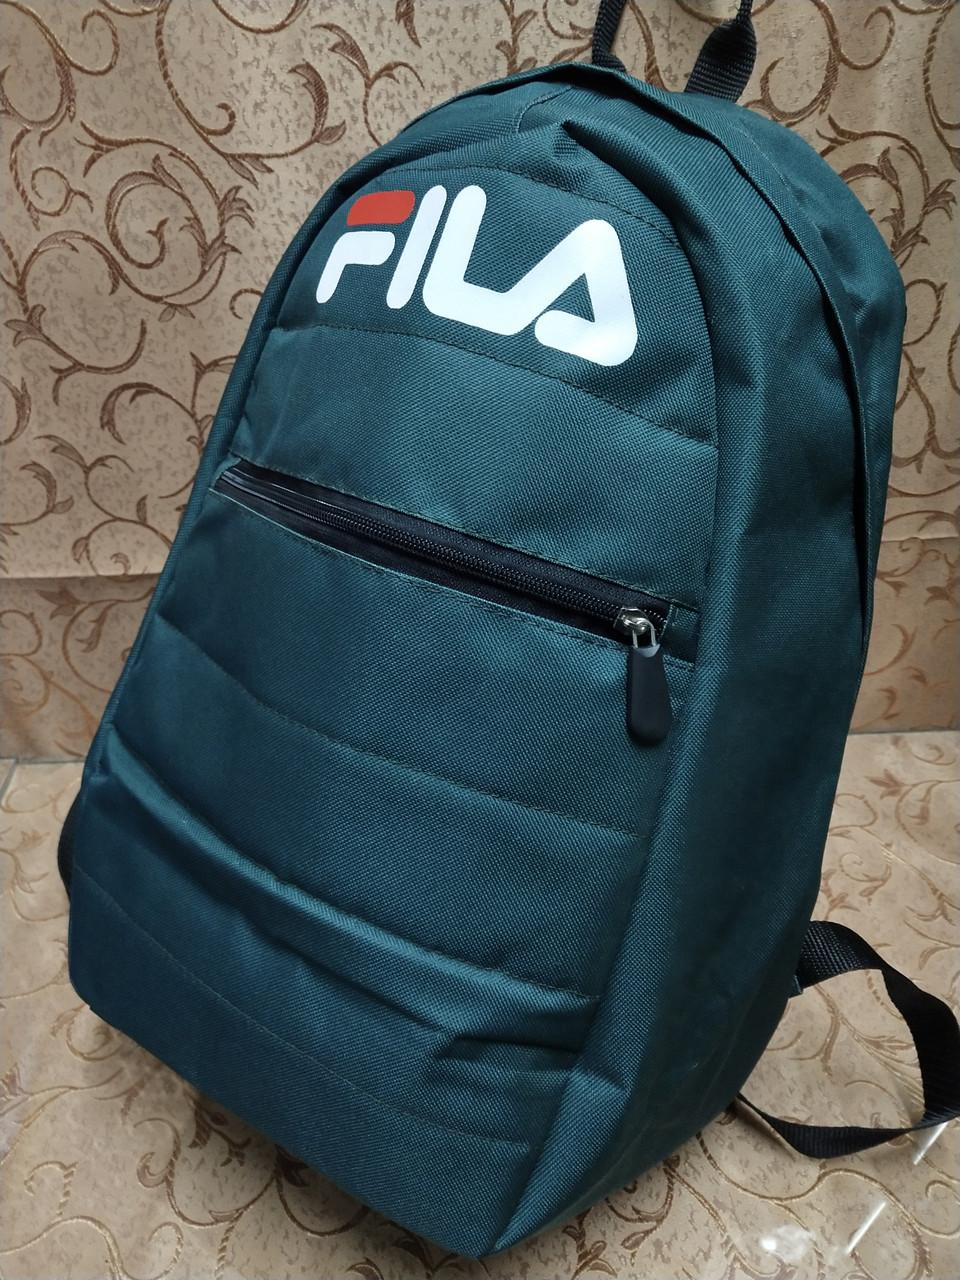 Рюкзак FILA новинки моды спортивный спорт городской стильный Школьный рюкзак только оптом